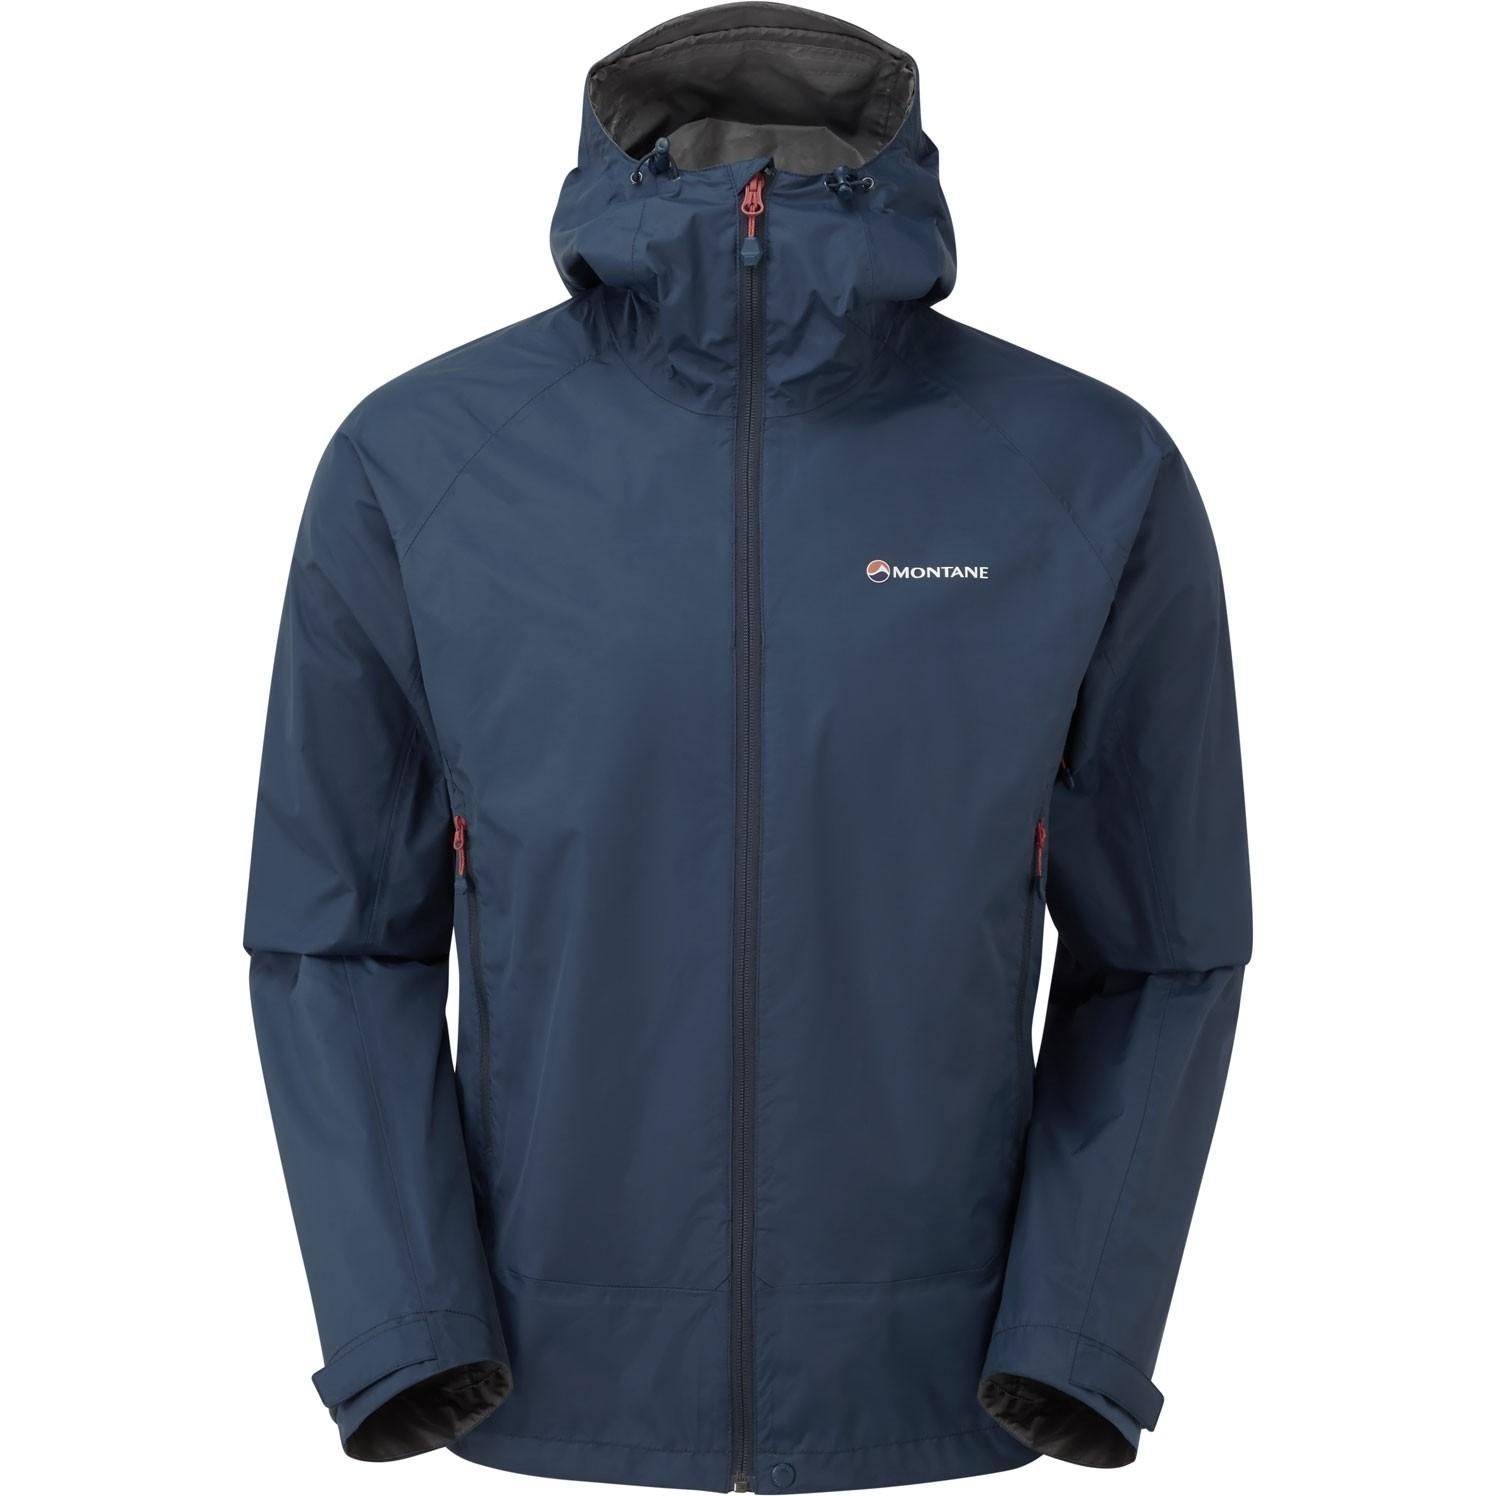 Montane Atomic Jacket - Narwhal Blue